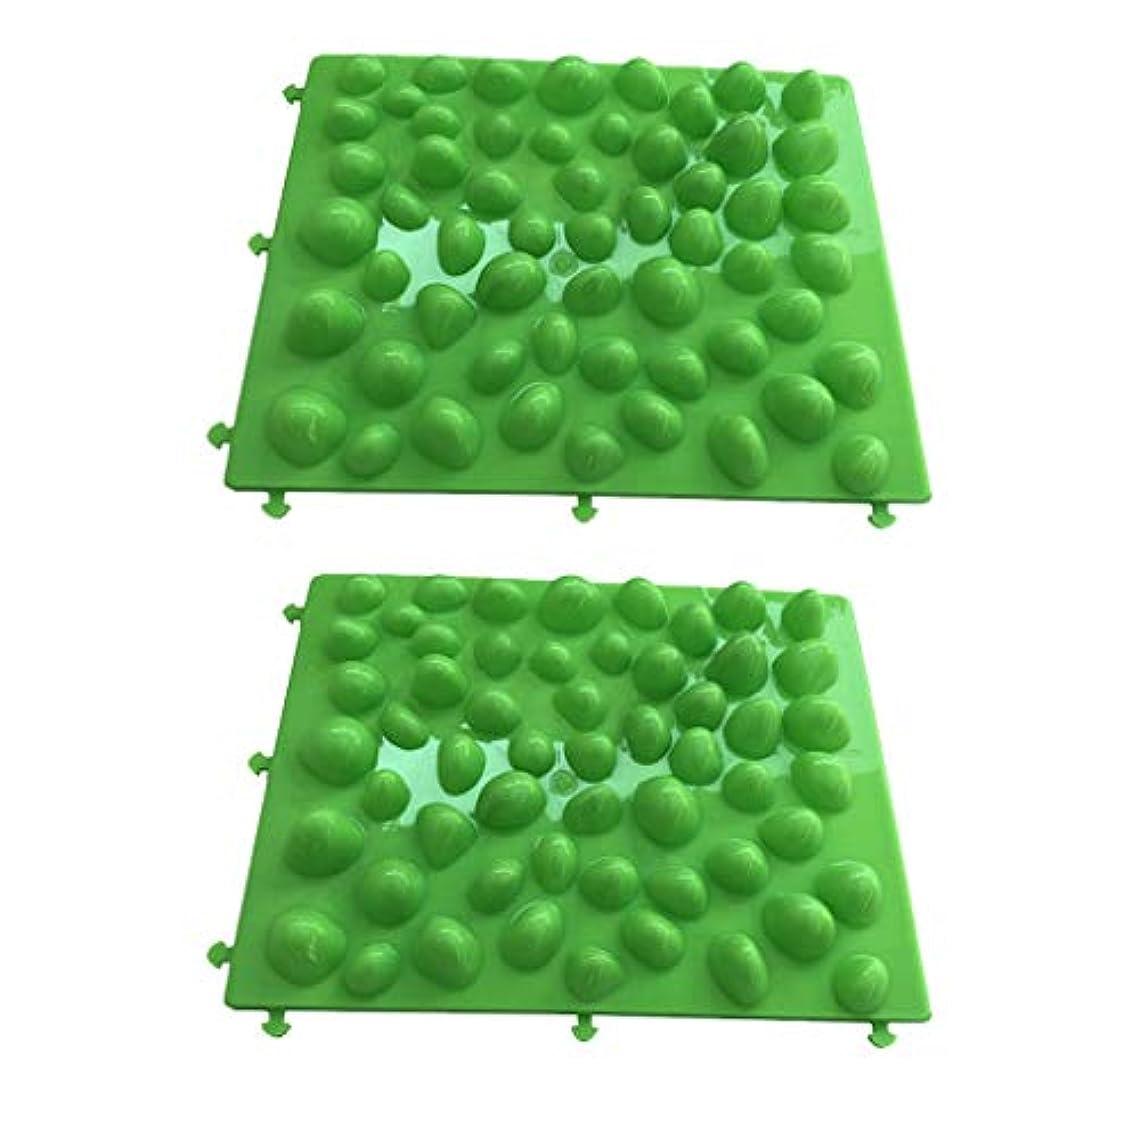 異常な軽量ために足つぼ フットマット フットマッサージ 足のマッサージパッド 人工石 プラスチック 血行促進 2個入